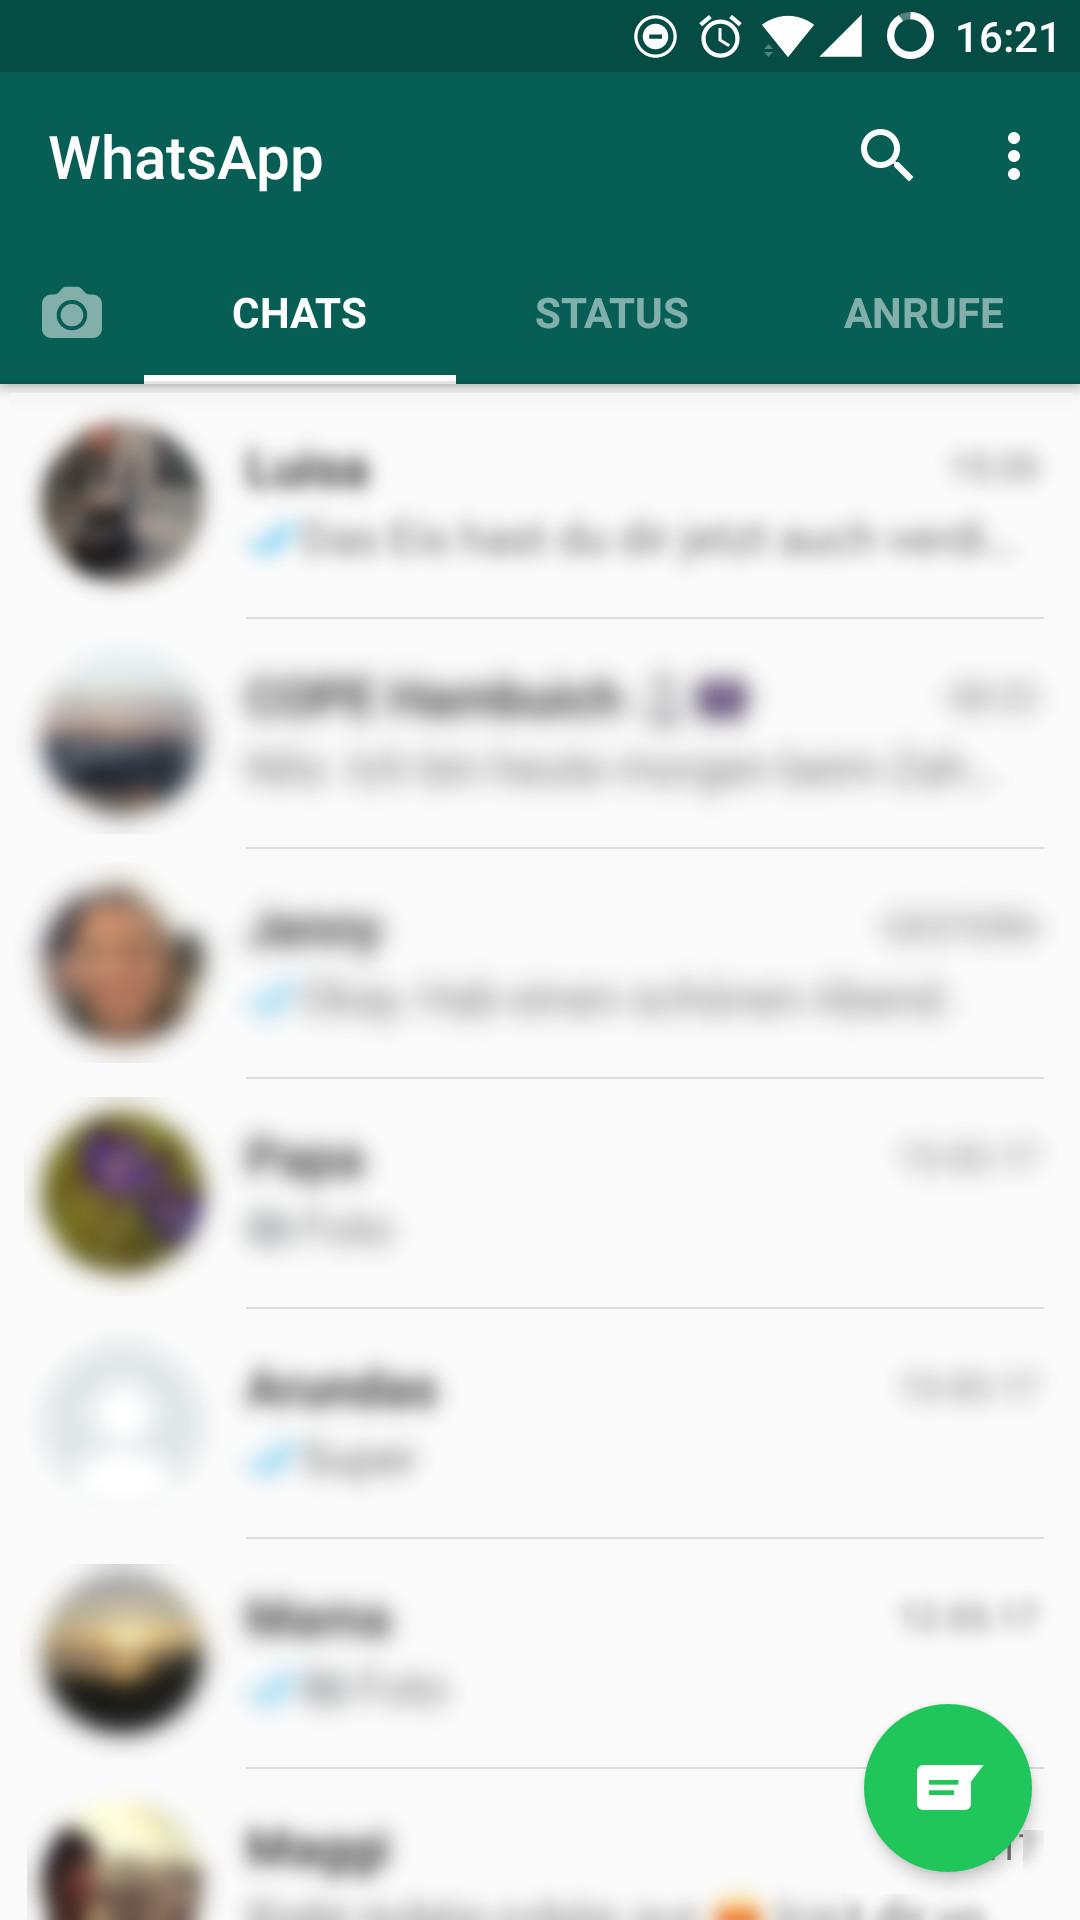 Screenshot 1 - WhatsApp Messenger (APK)